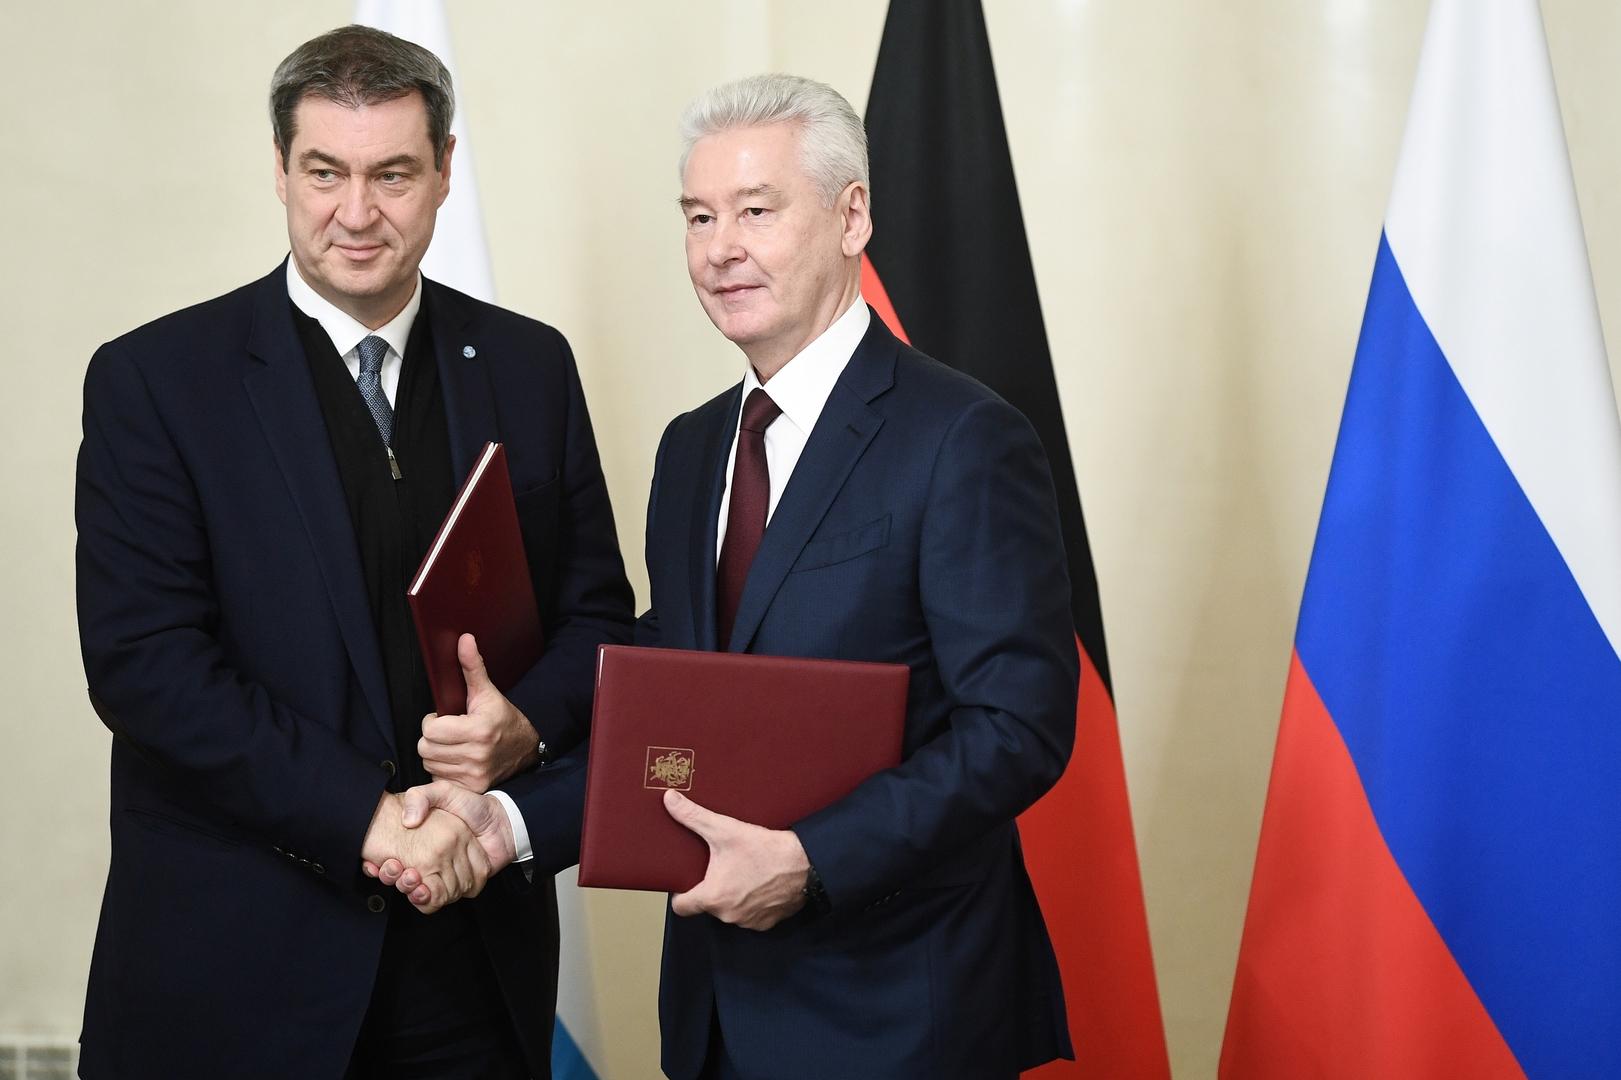 Markus Söder besucht Moskau: Bayern und Russland bauen Zusammenarbeit  weiter aus